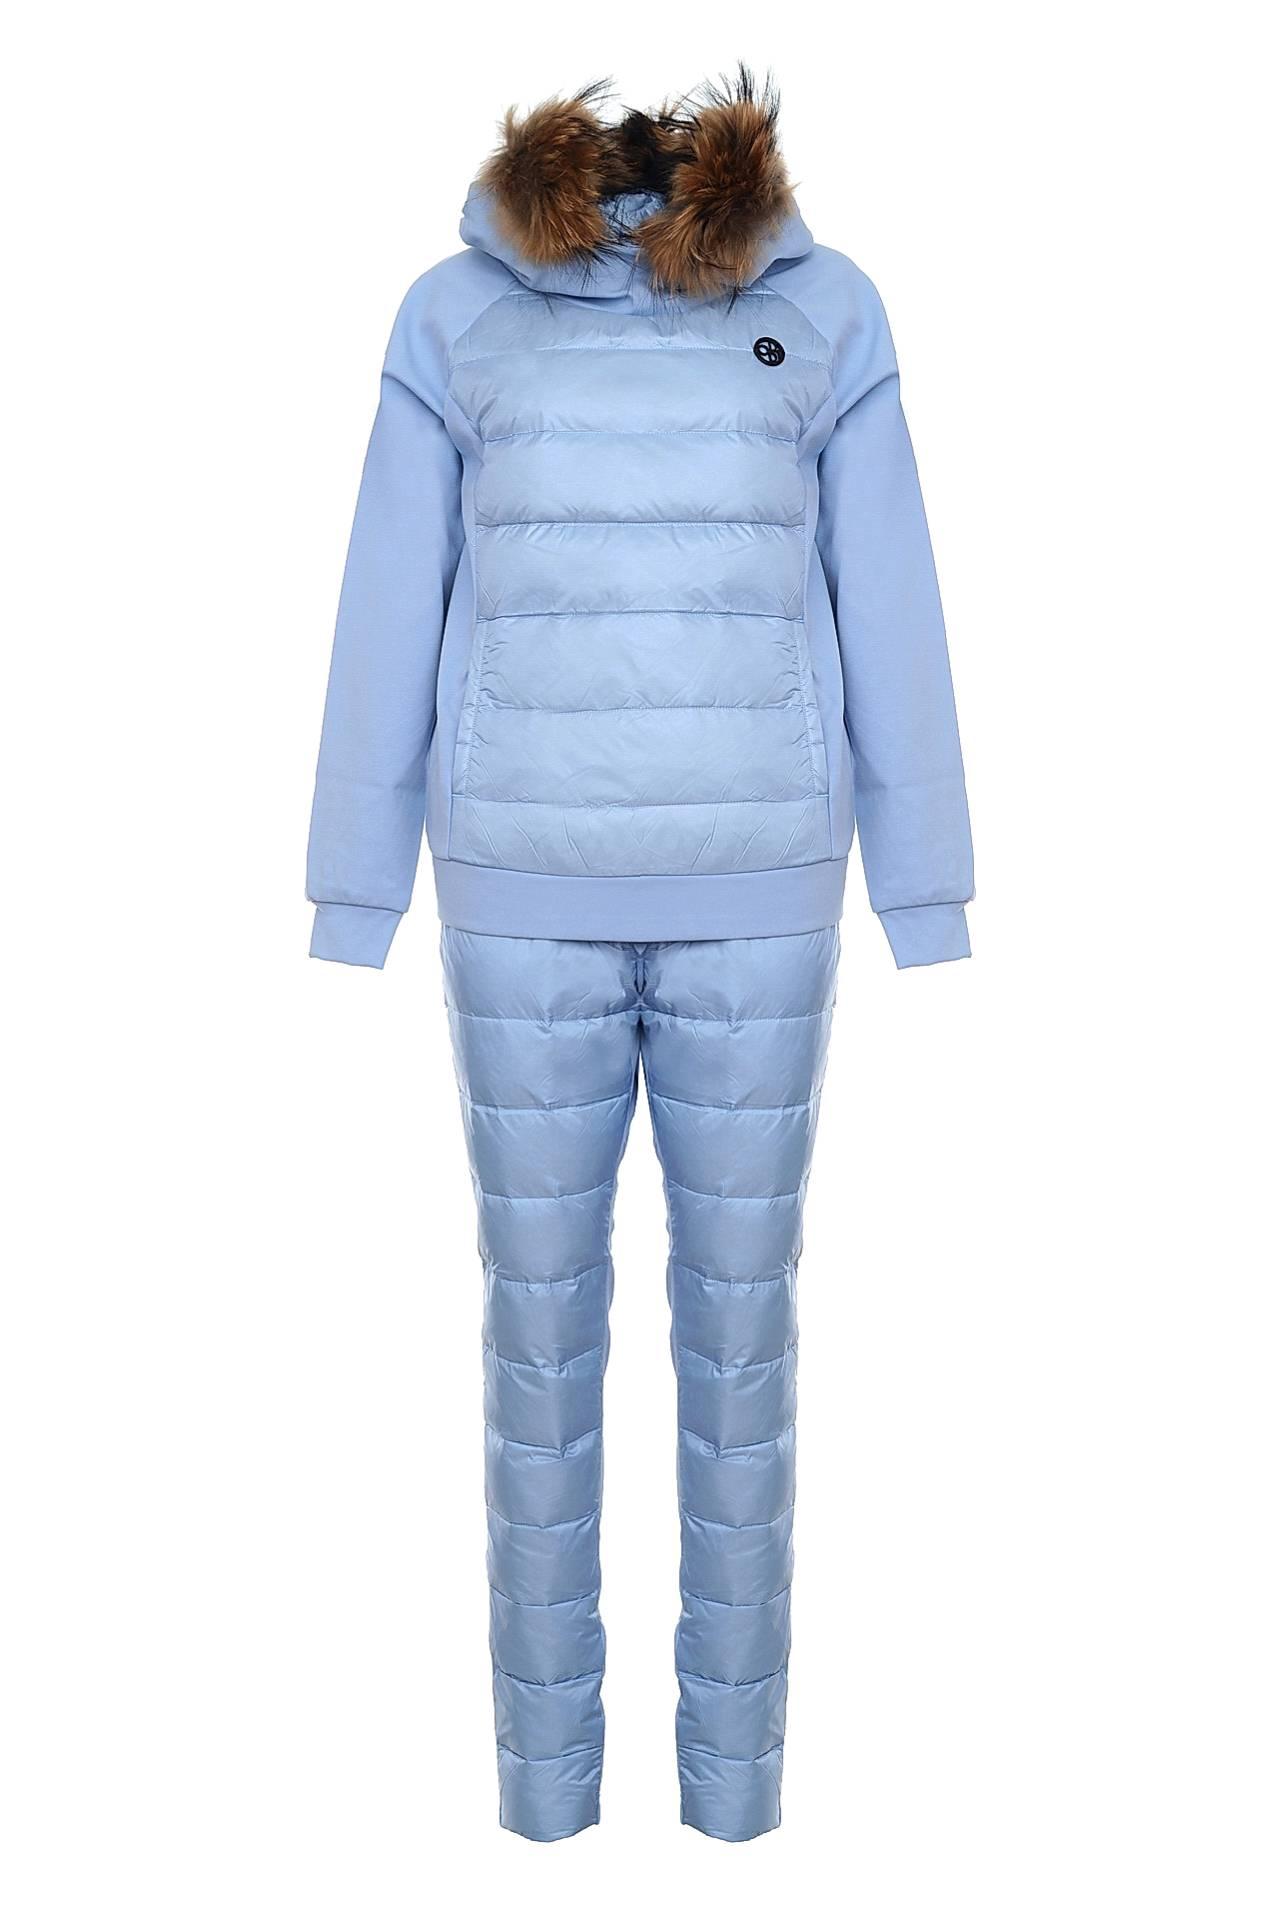 87ef90ba95fa Одежда женская Костюм ODRI (1421601 15.1). Купить за 20600 руб.